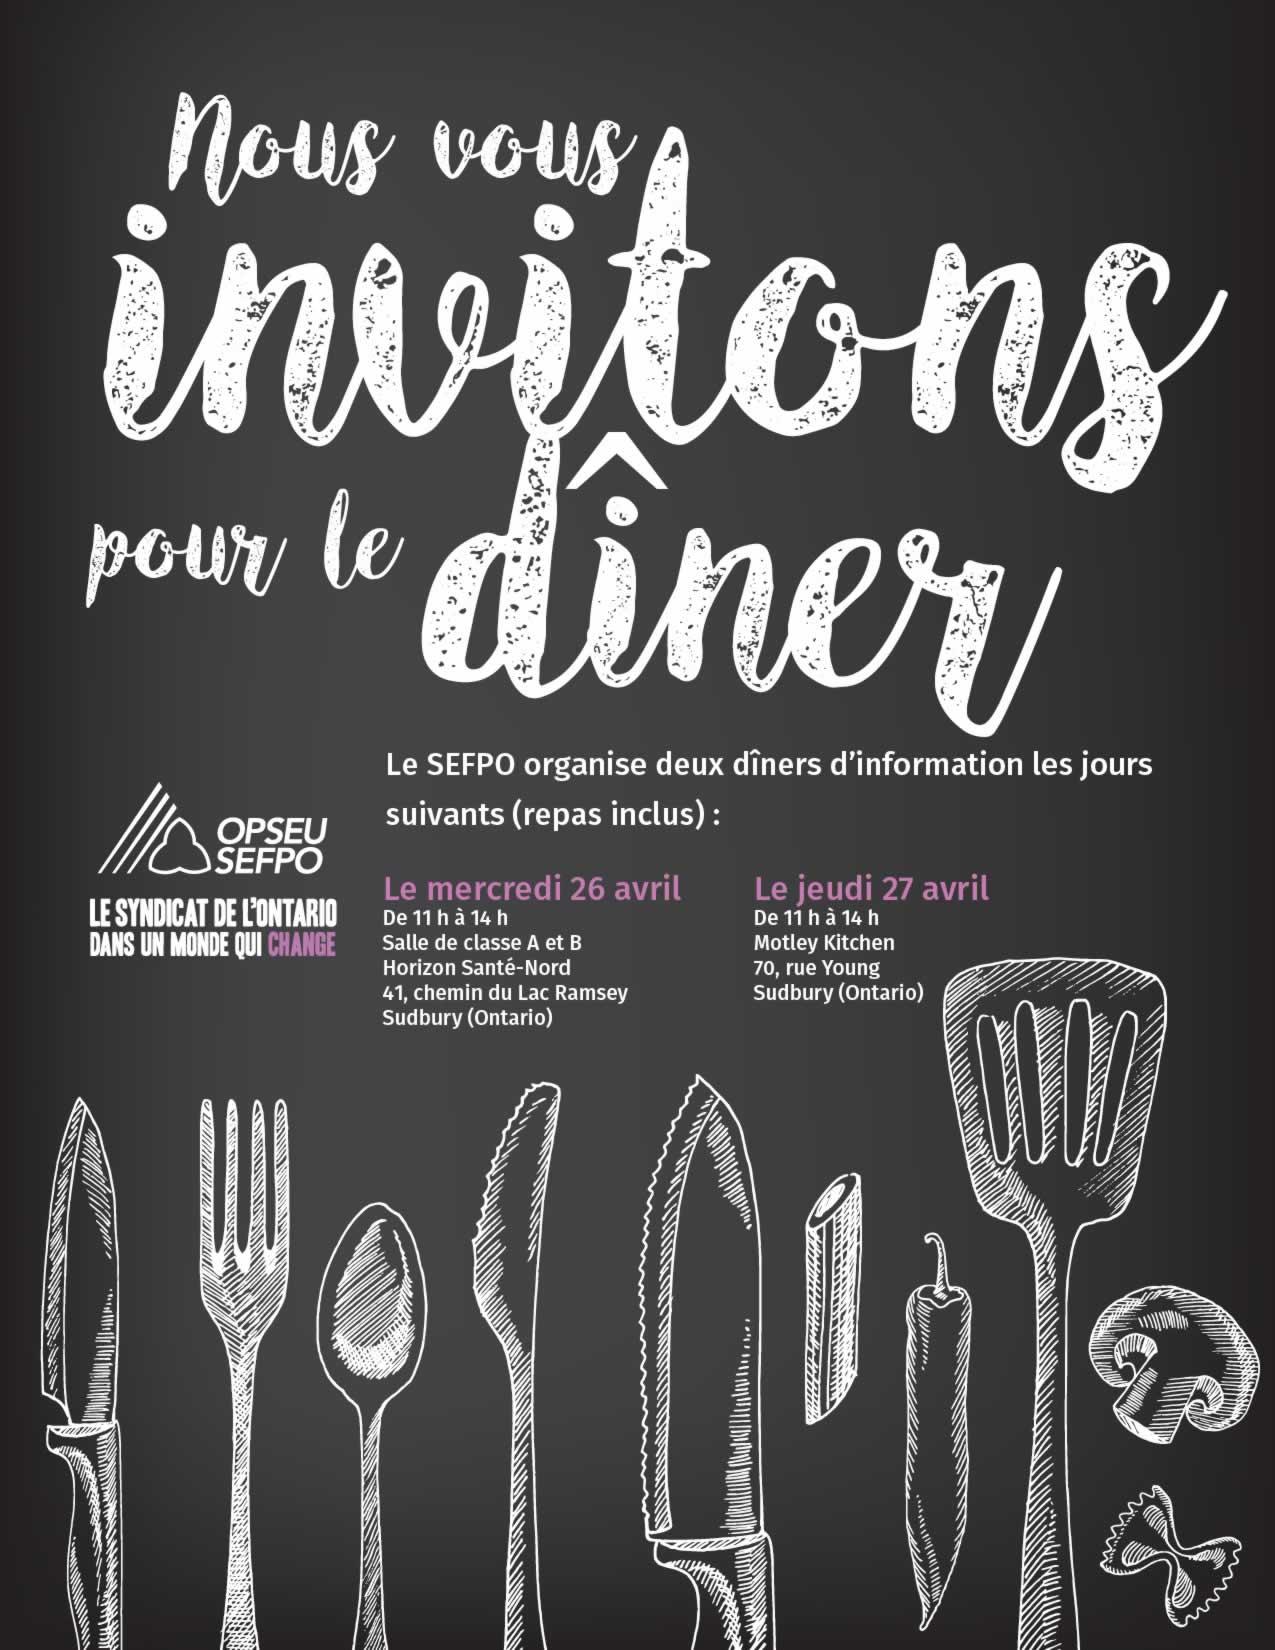 Nous vous invitons pour le diner